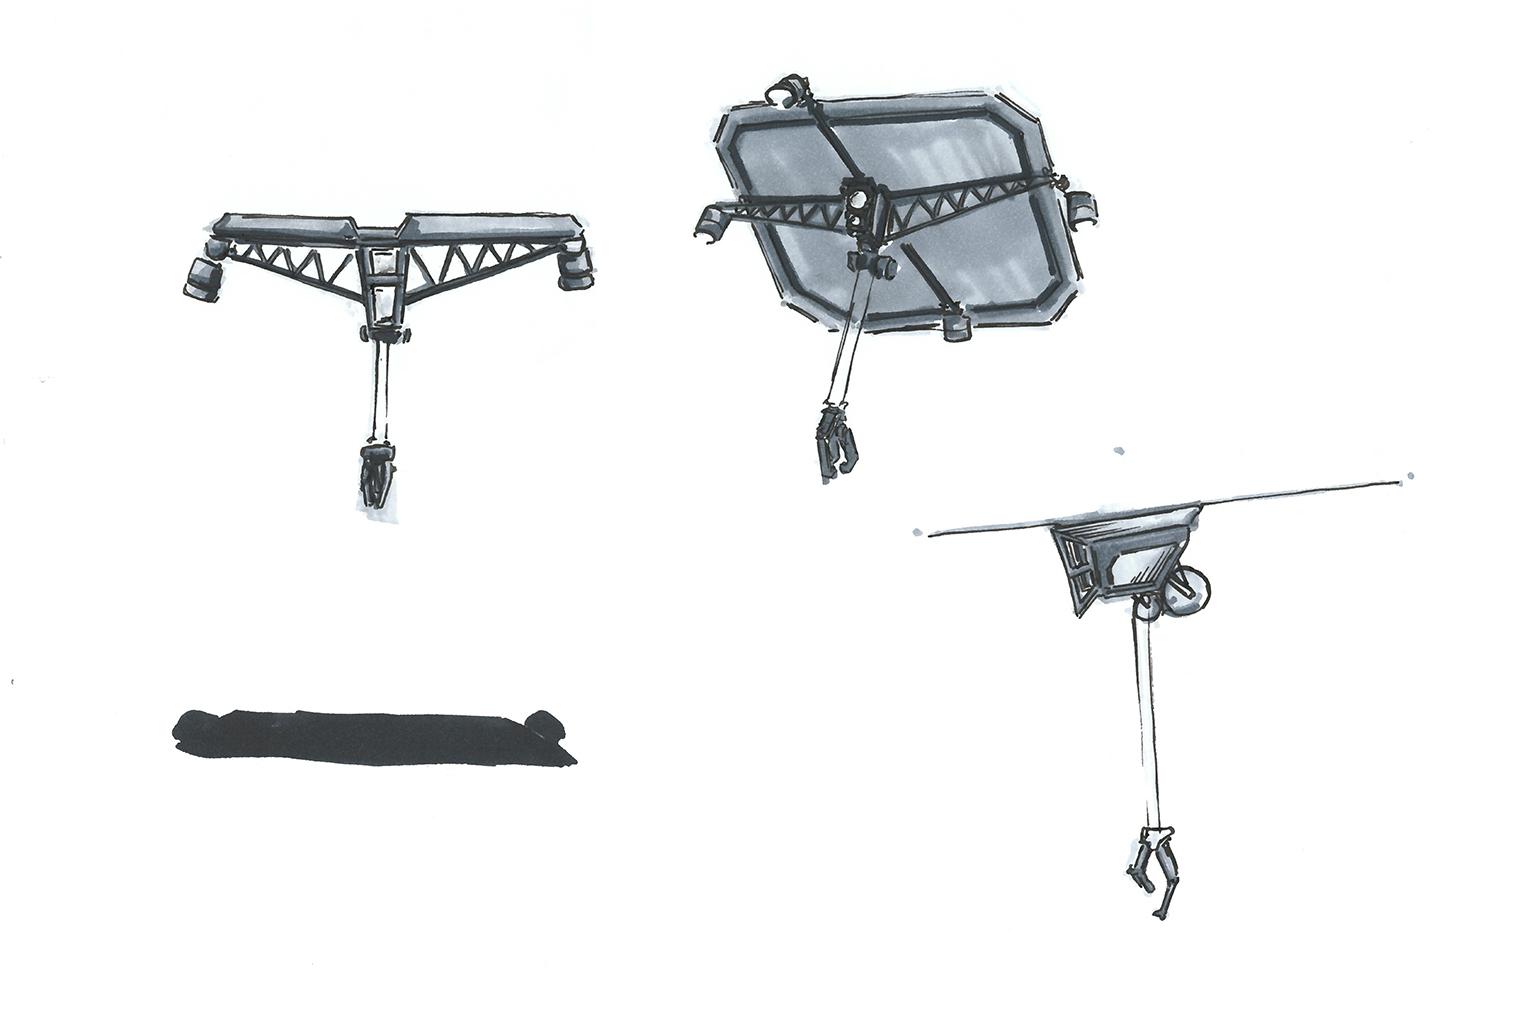 marker sketch of drones